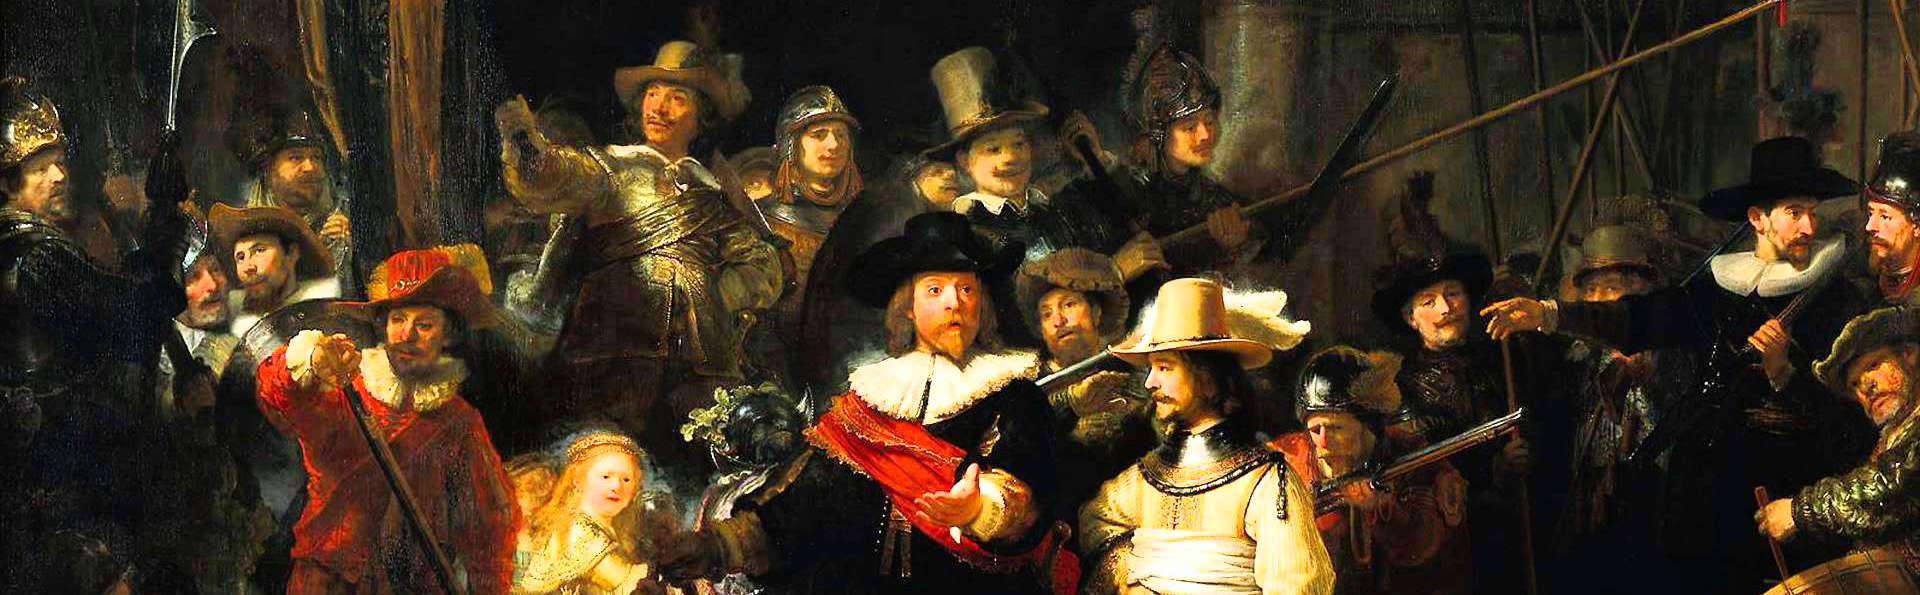 Naviguez sur les canaux et visitez le Rijksmuseum